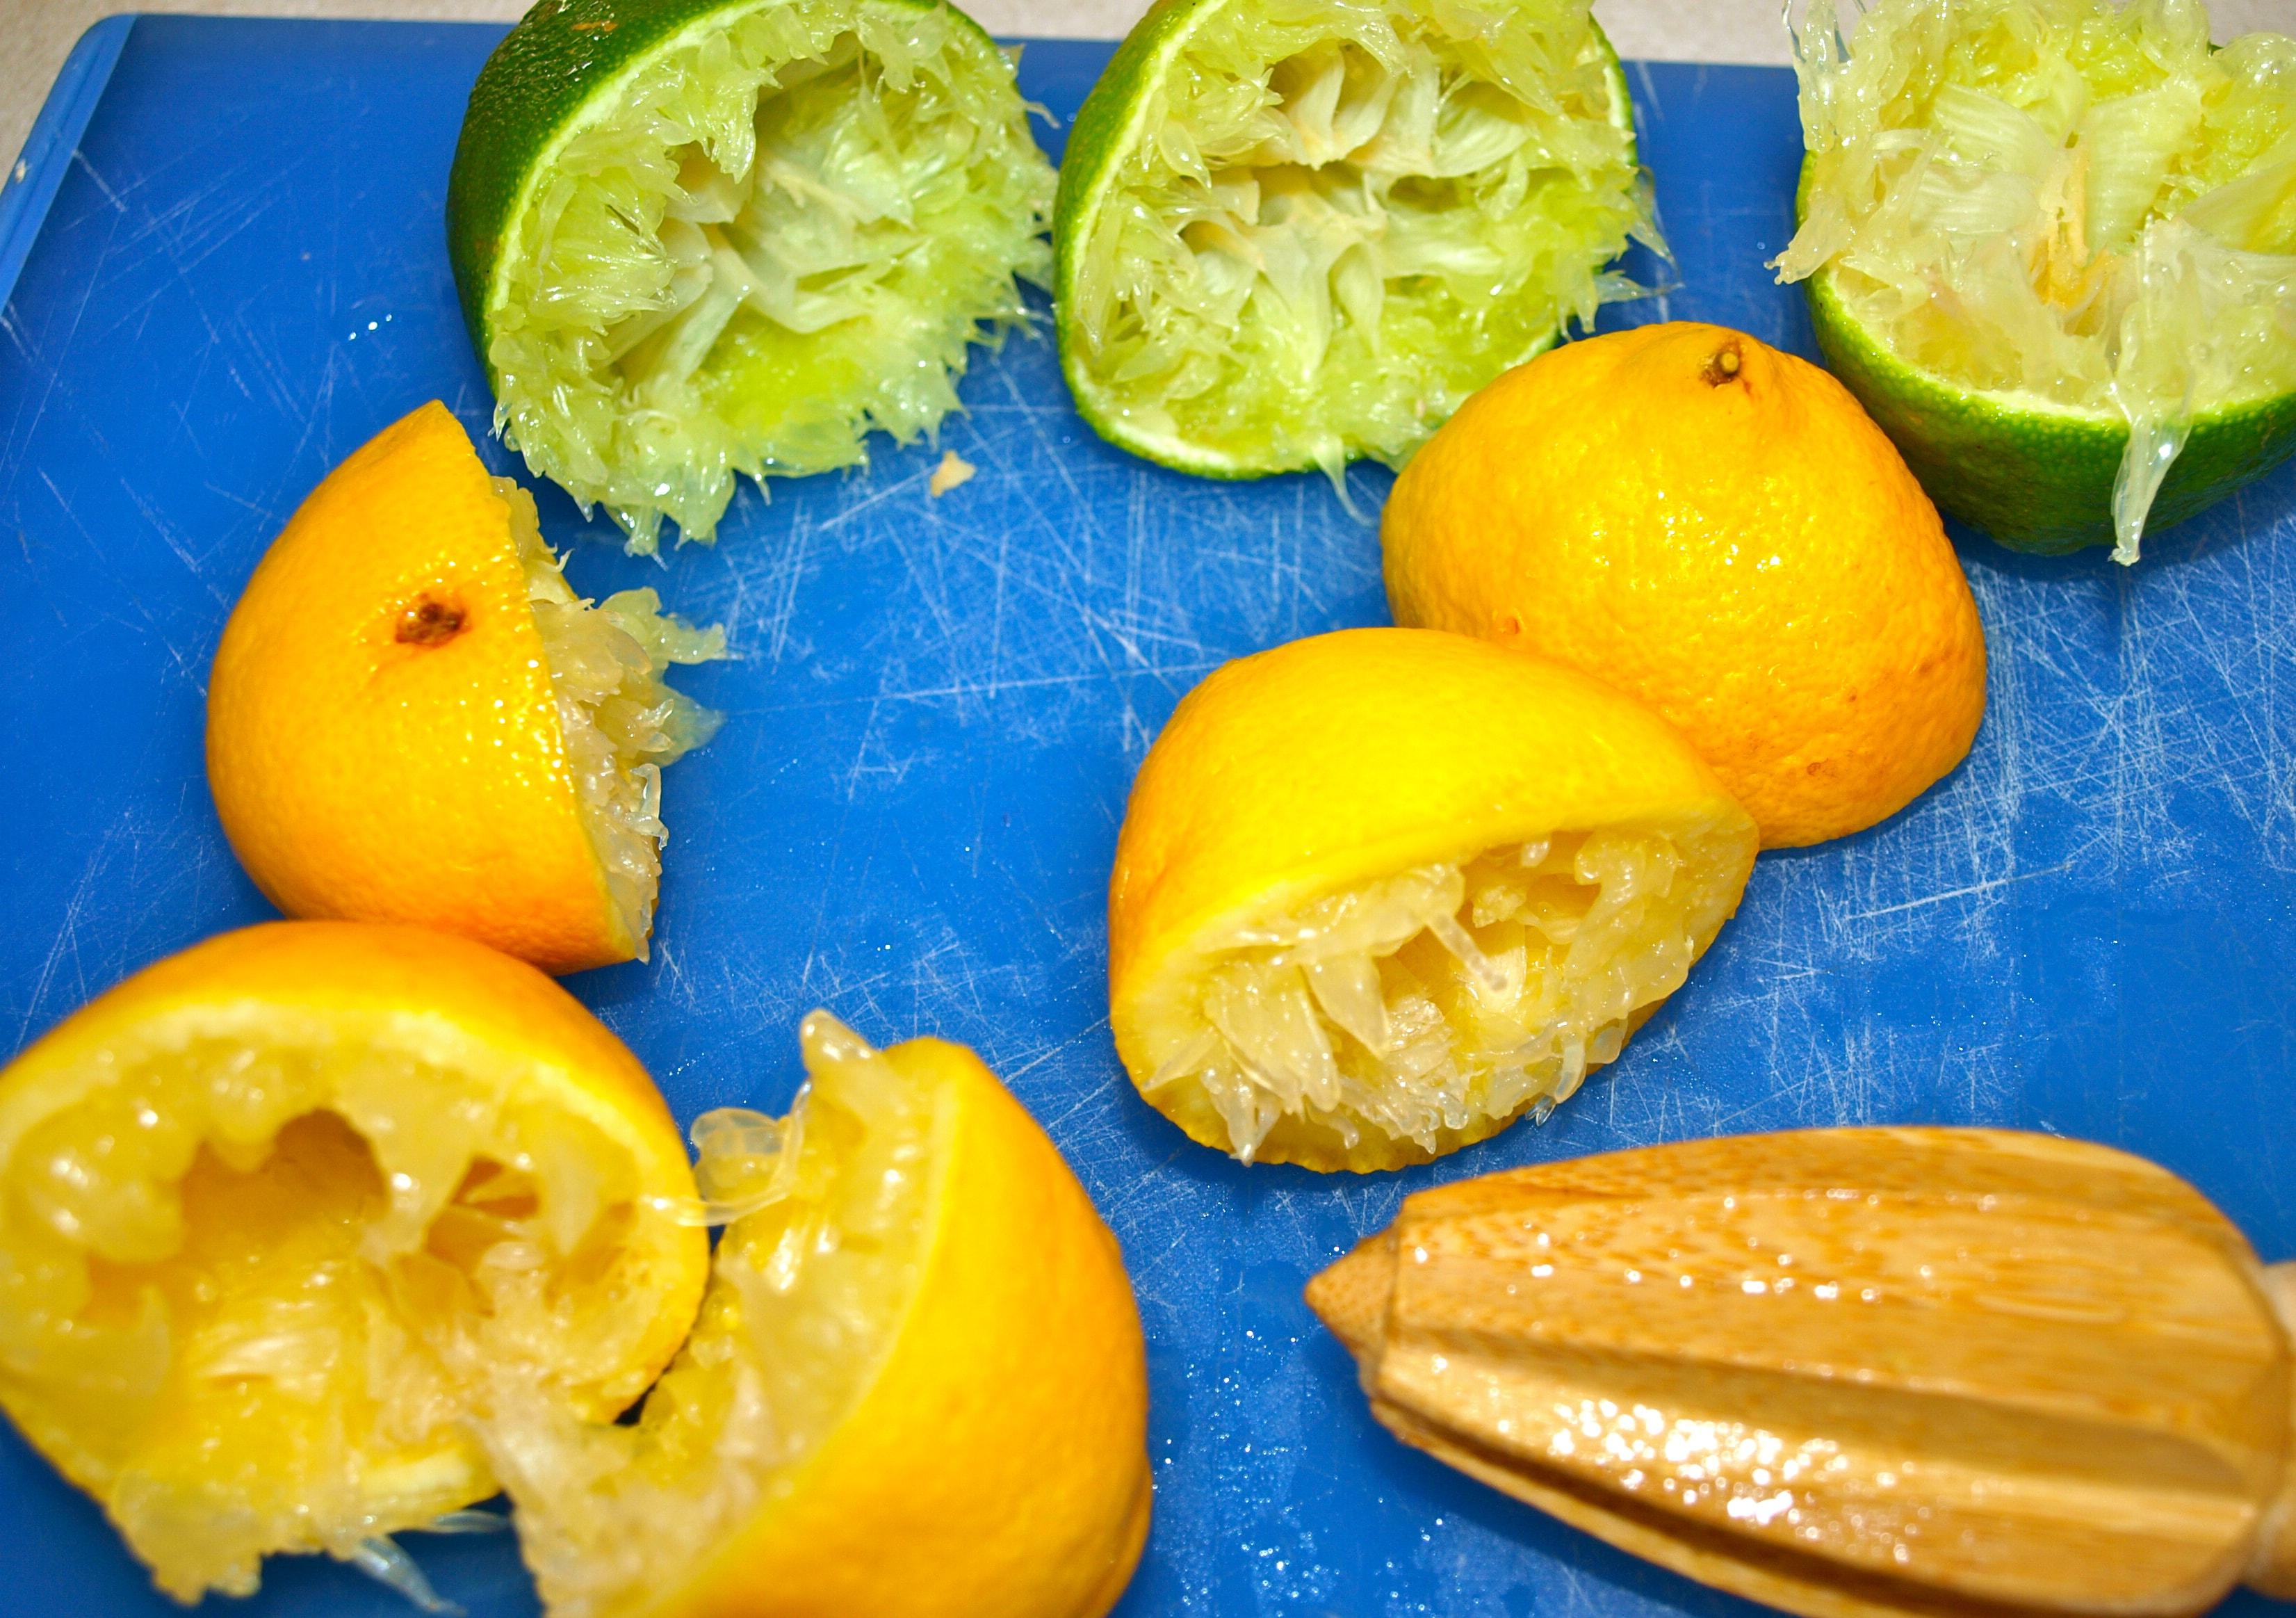 Lemon-Lime Hummus